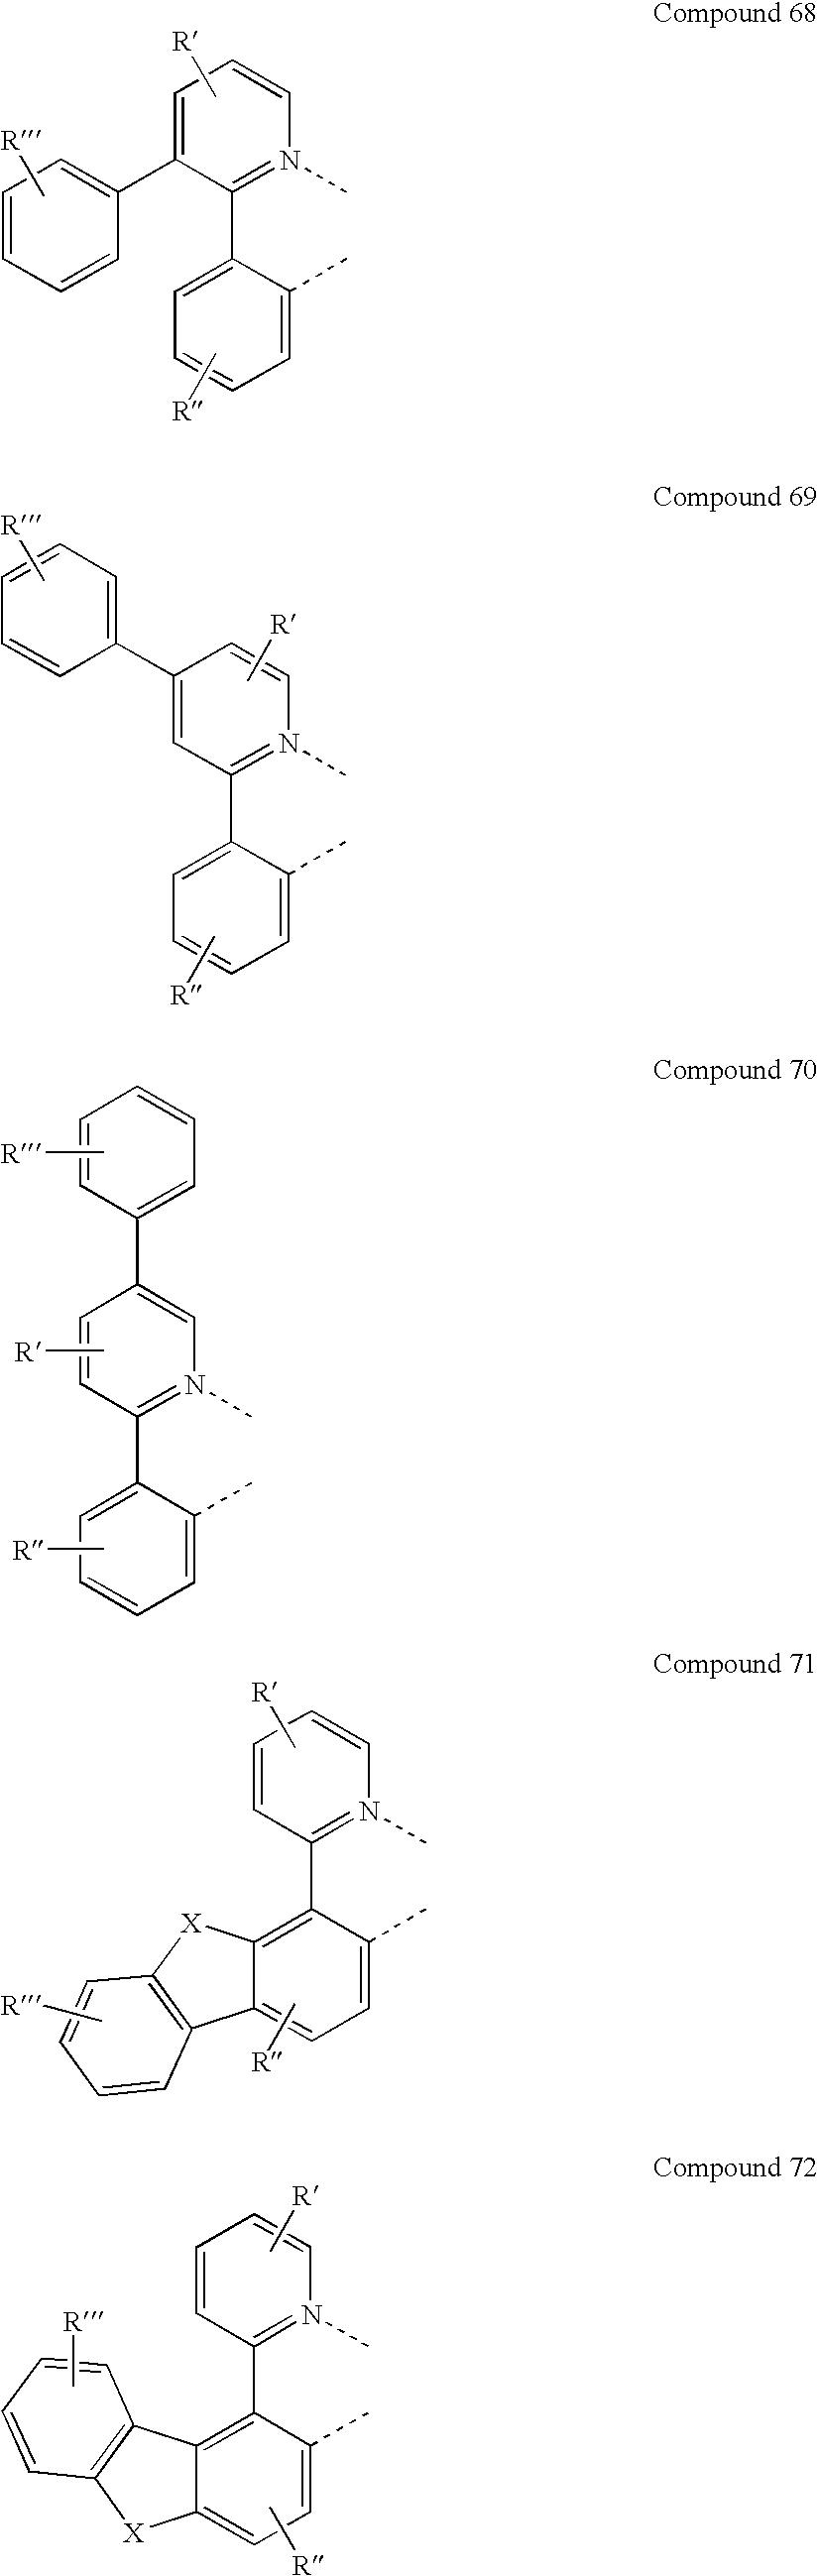 Figure US08586203-20131119-C00047